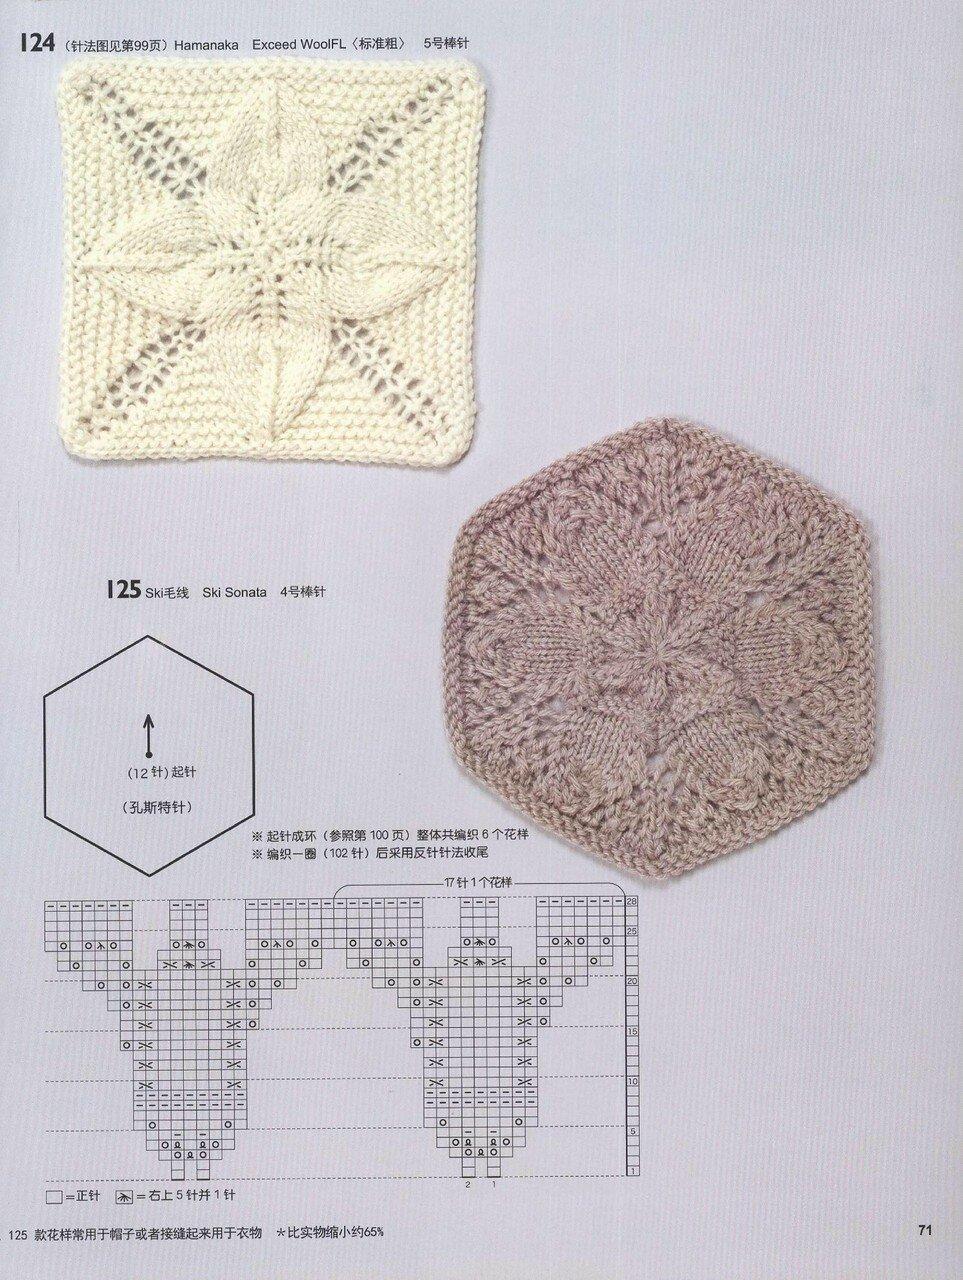 150 Knitting_73.jpg